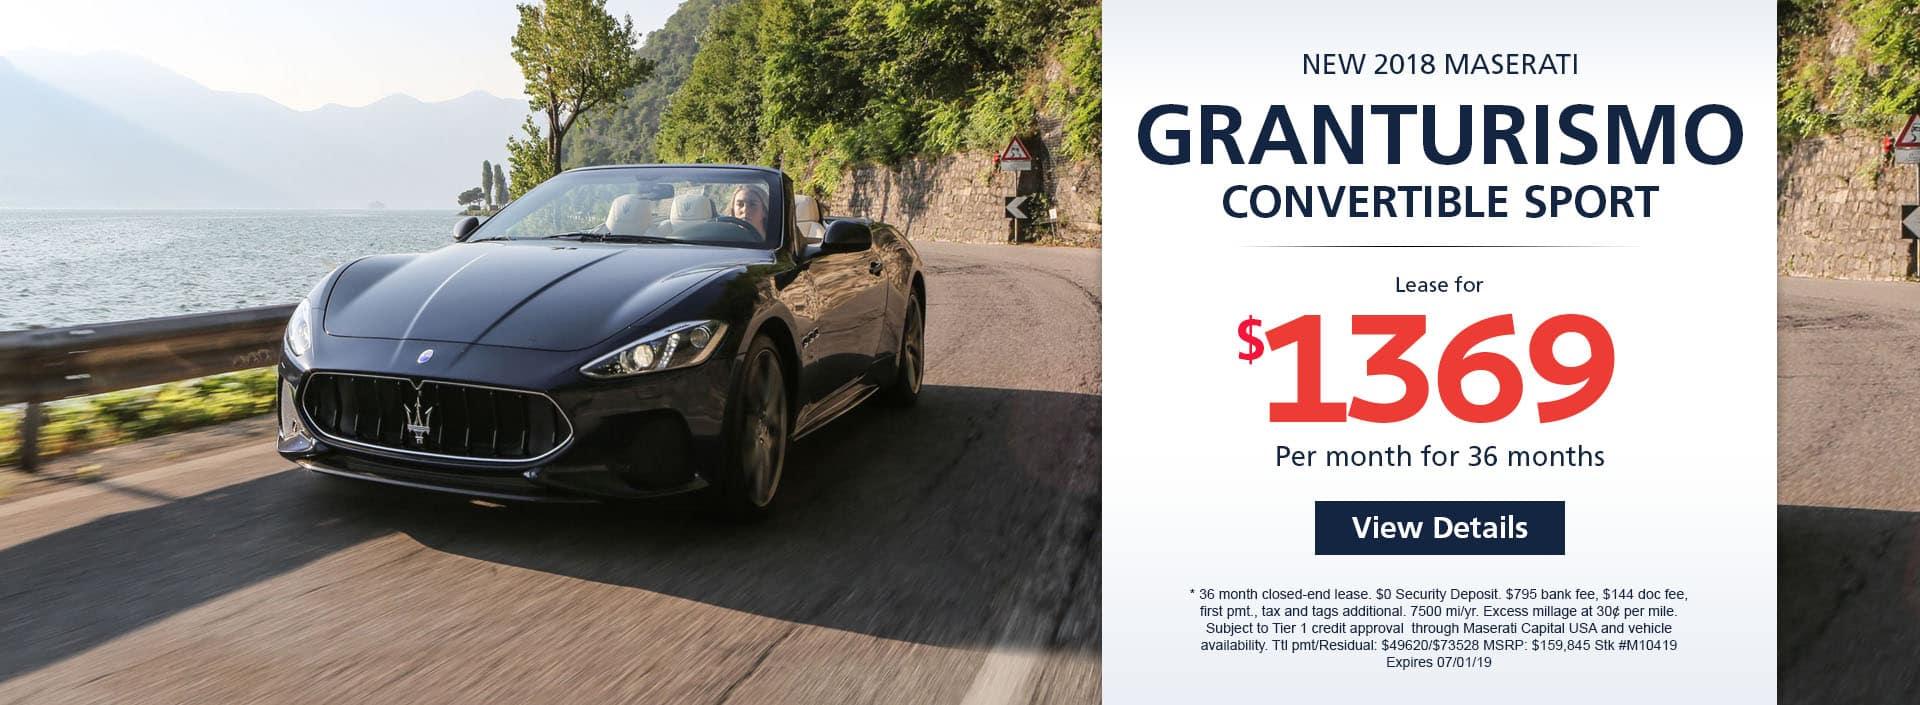 2019 MASERATI GRANTURISMO CONVERTIBLE SPORT Lease For $1369